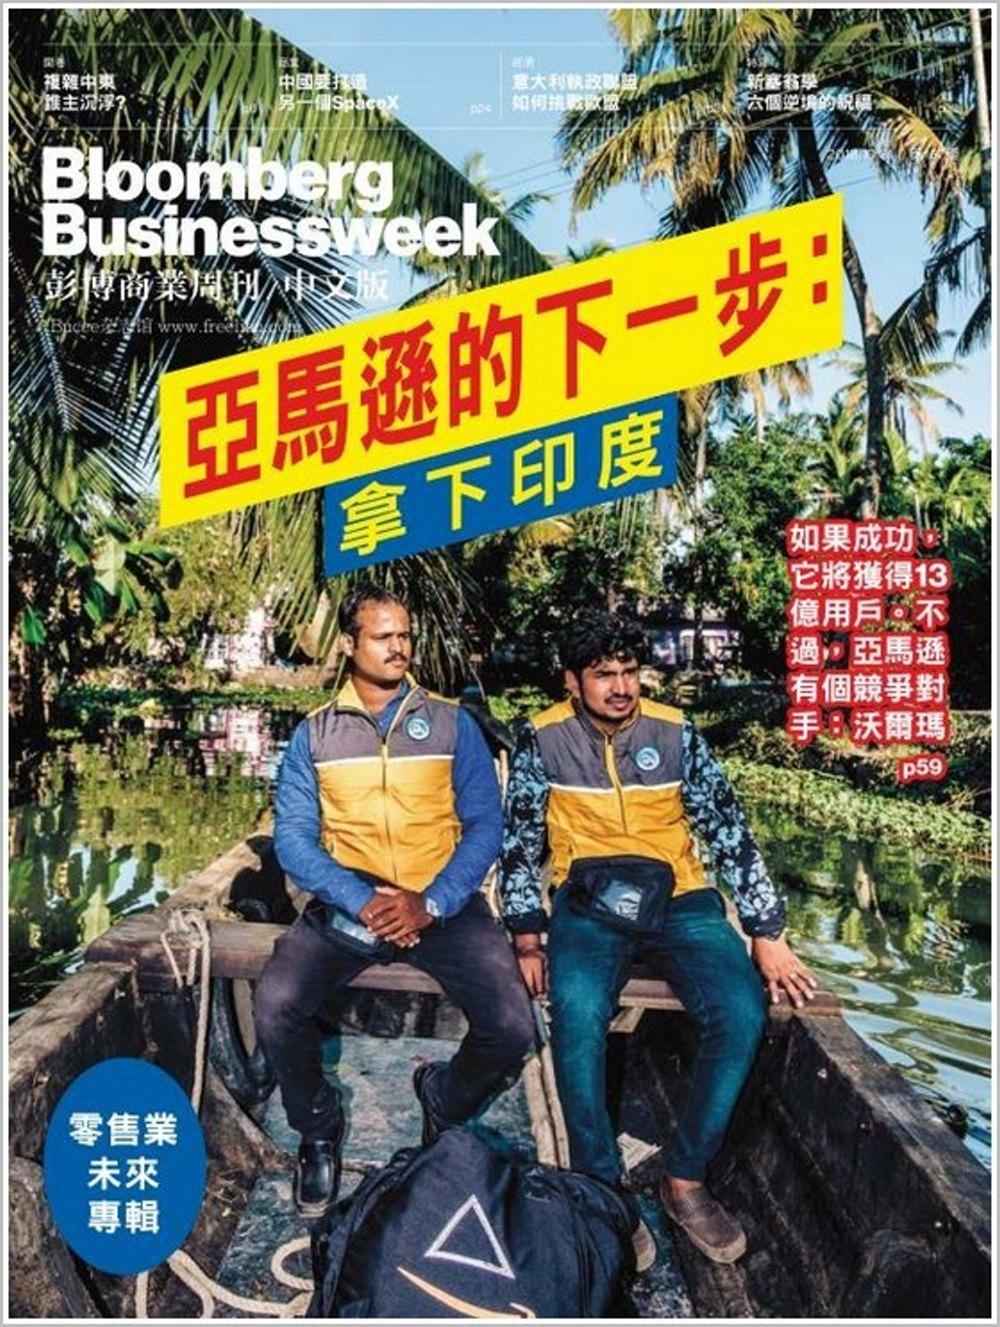 彭博商業周刊/中文版 第157期